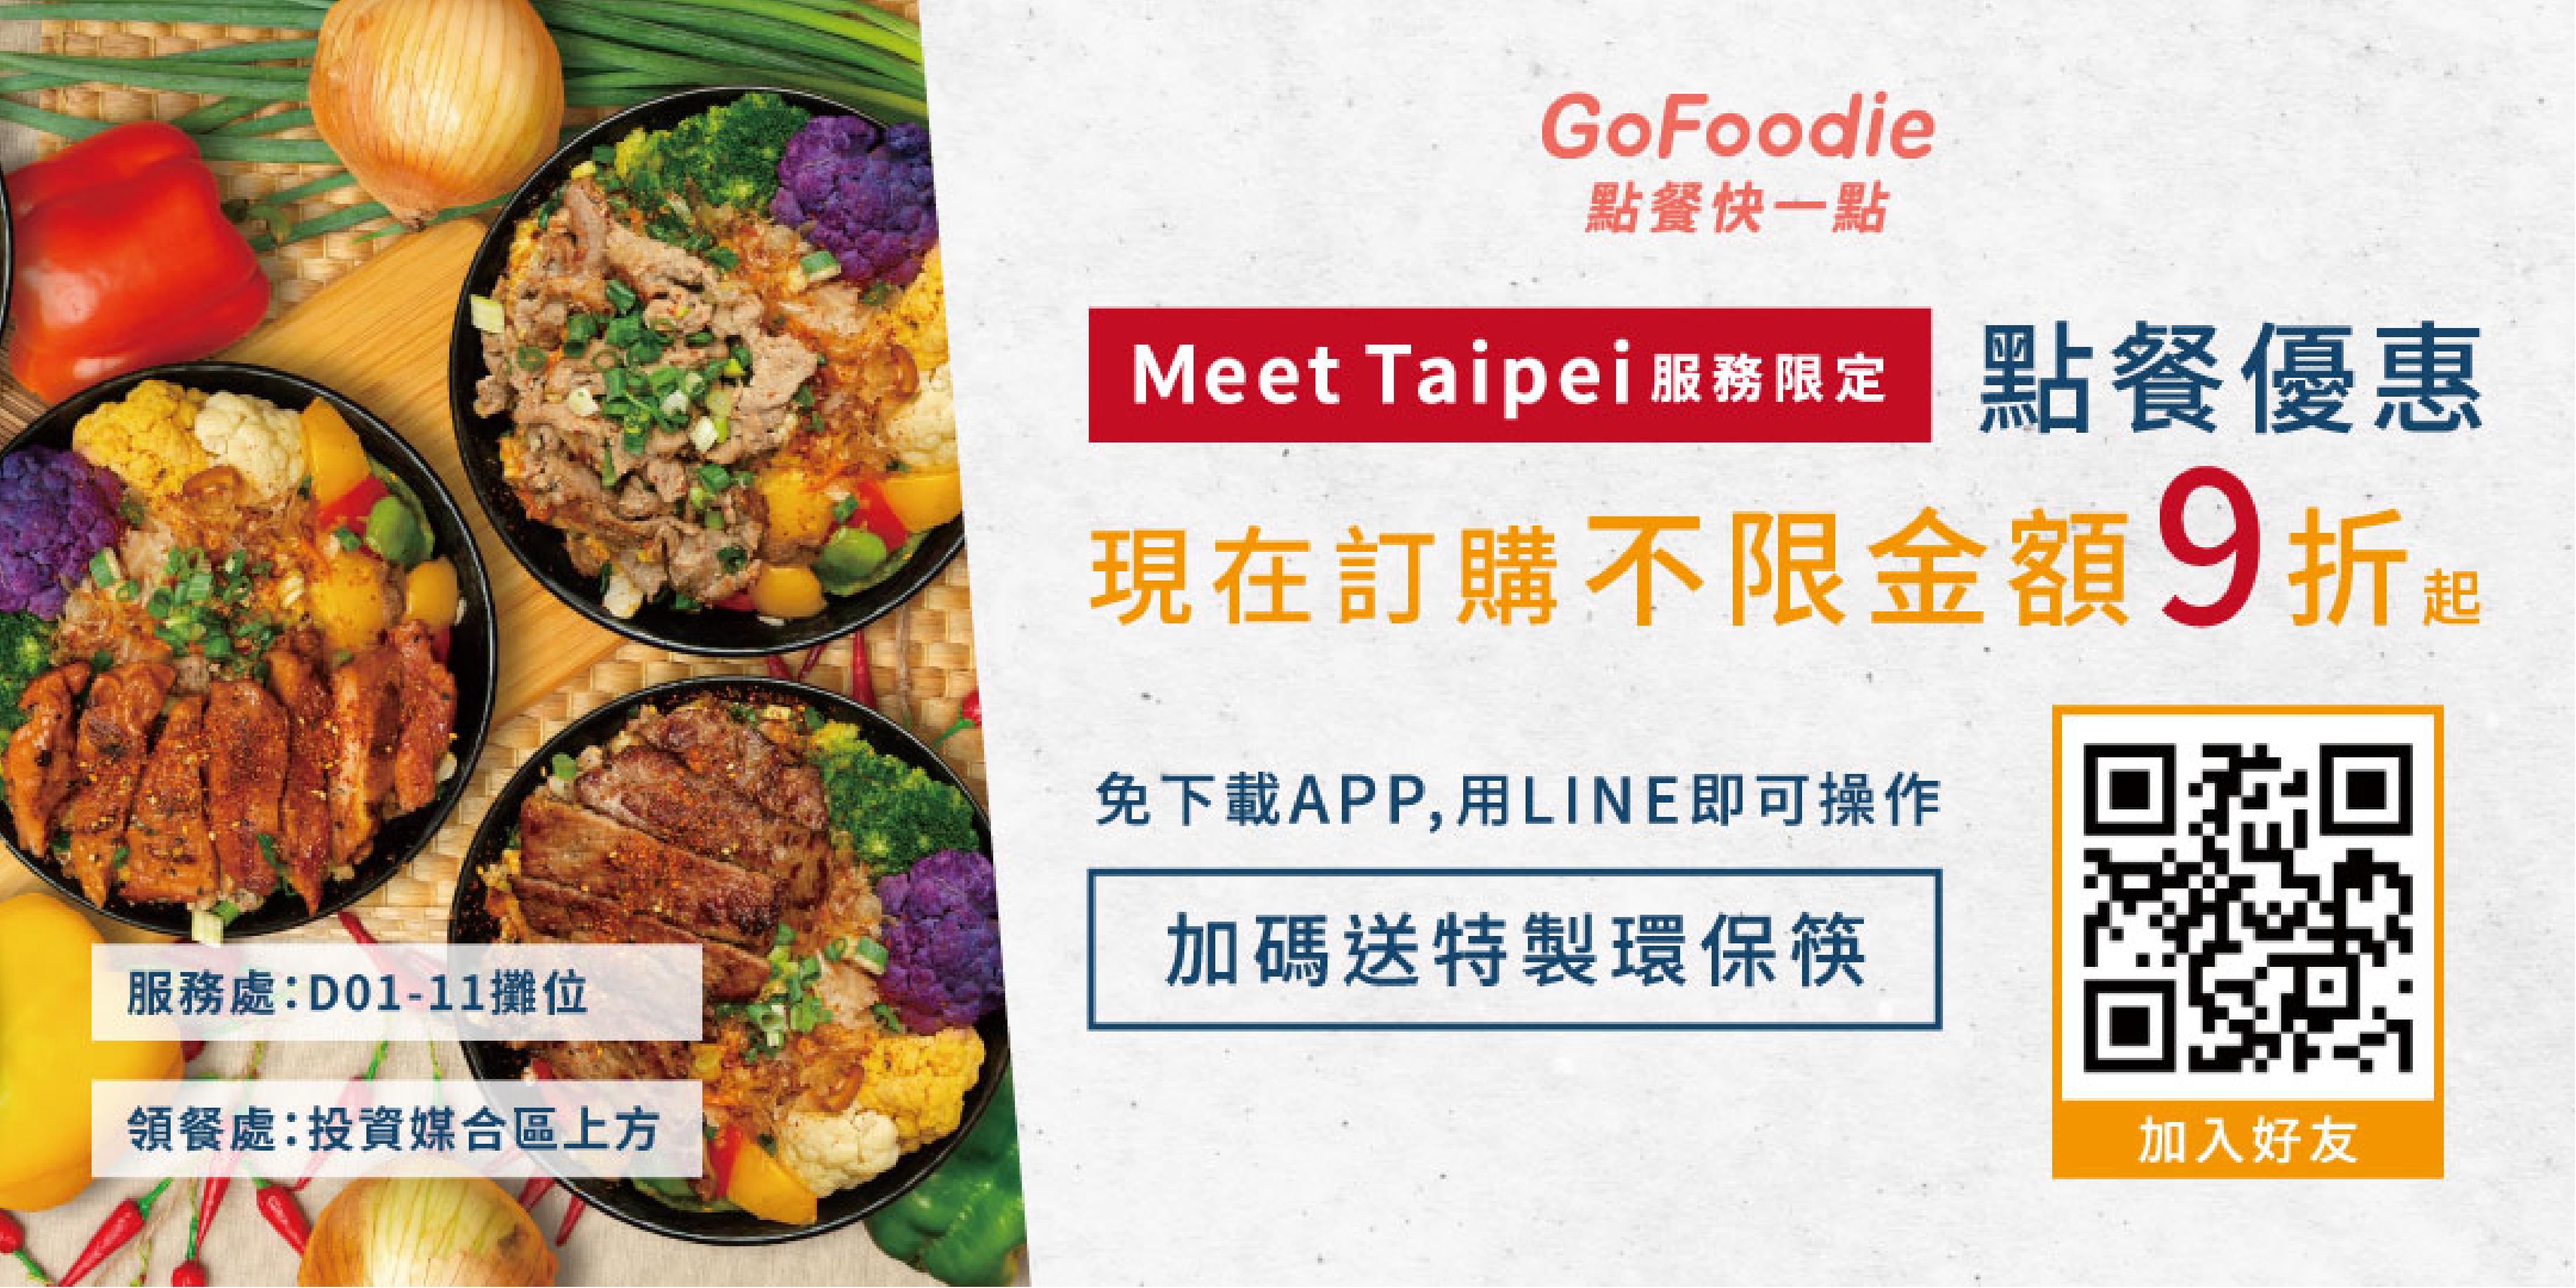 Meet Taipei x GoFoodie訂餐服務<br>